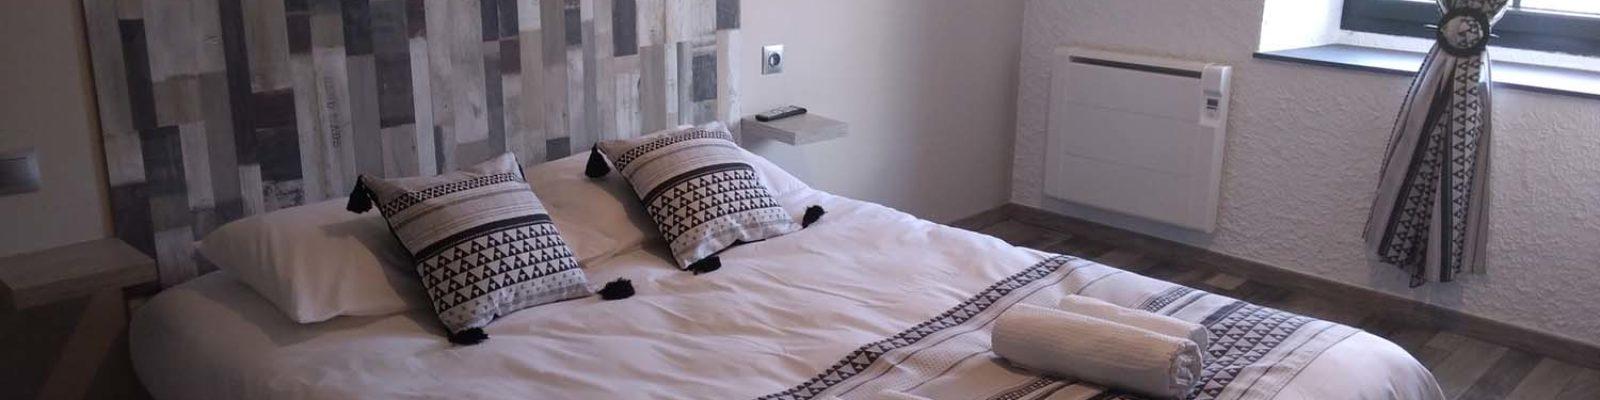 chambre hôtel 2 personnes Ardèche